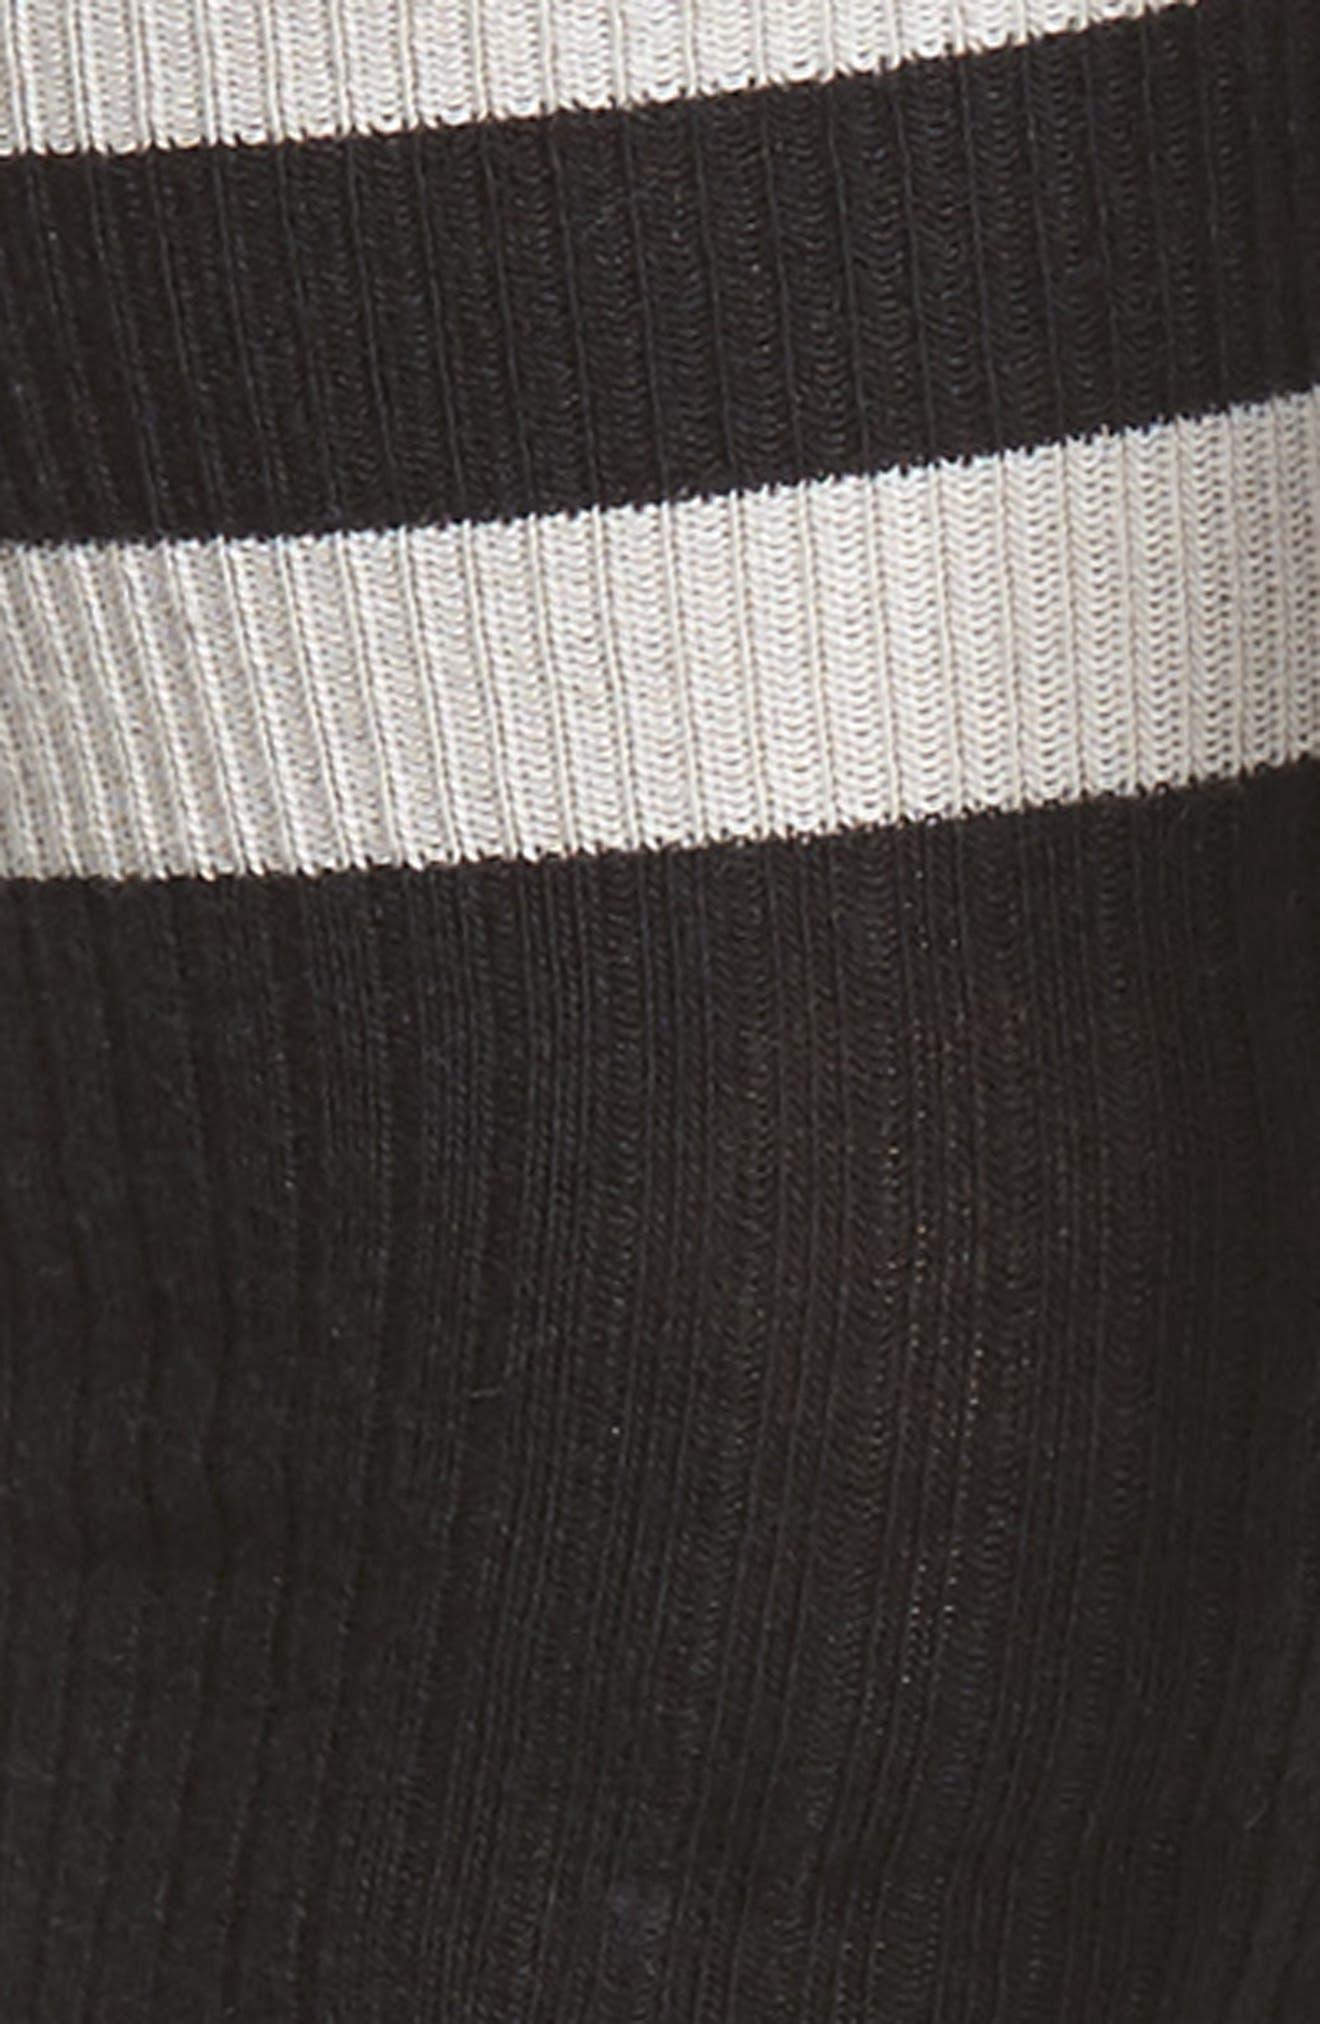 Varsity Stripe Over the Knee Socks,                             Alternate thumbnail 2, color,                             001